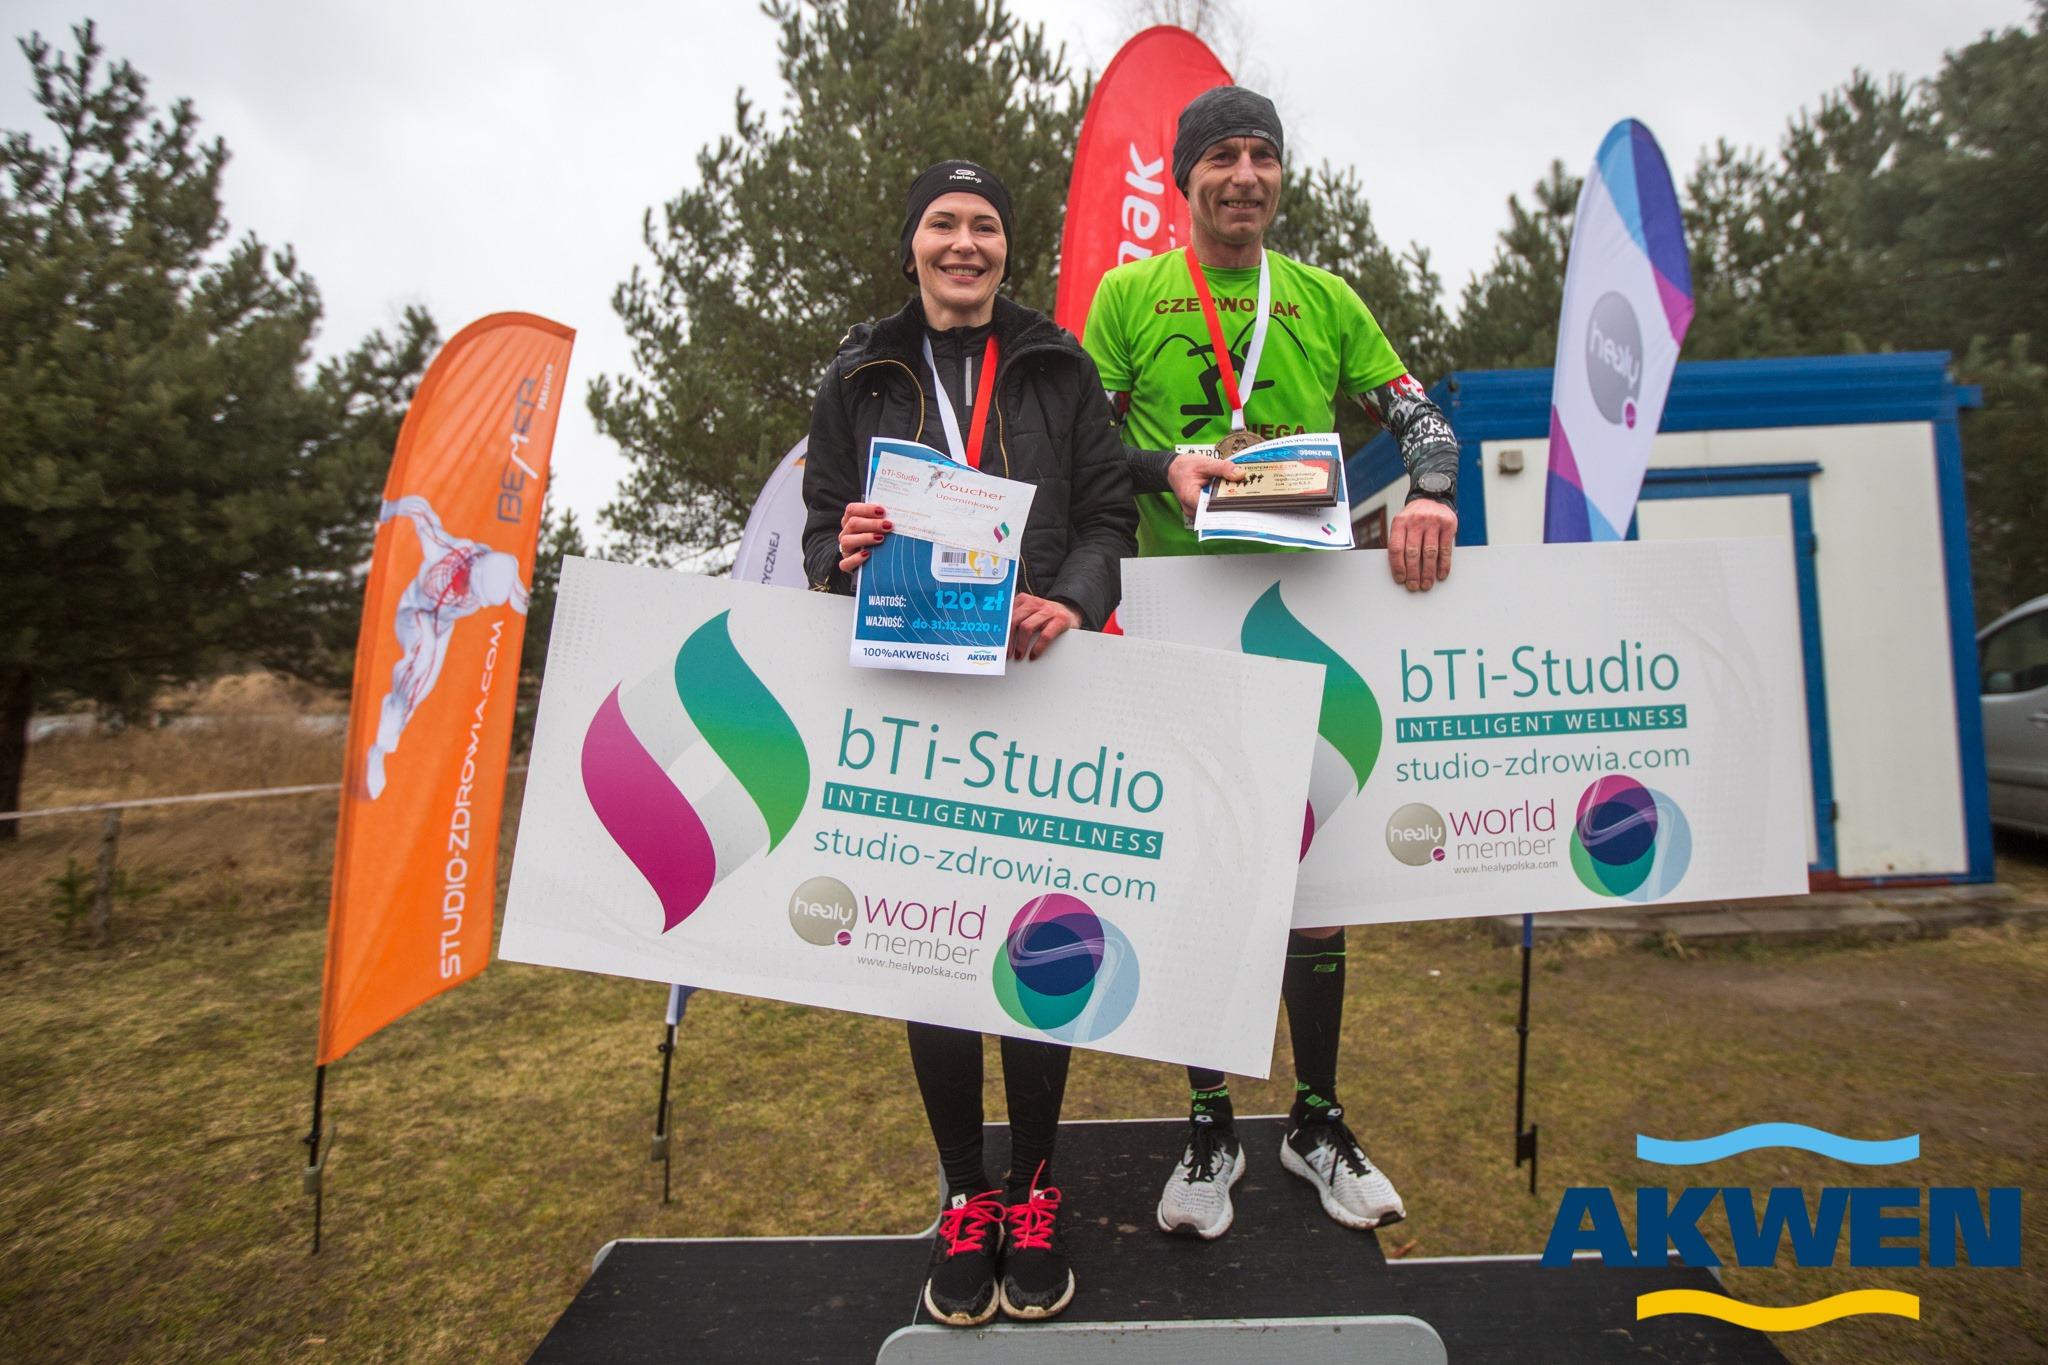 bTi Studio zdrowia w sporcie